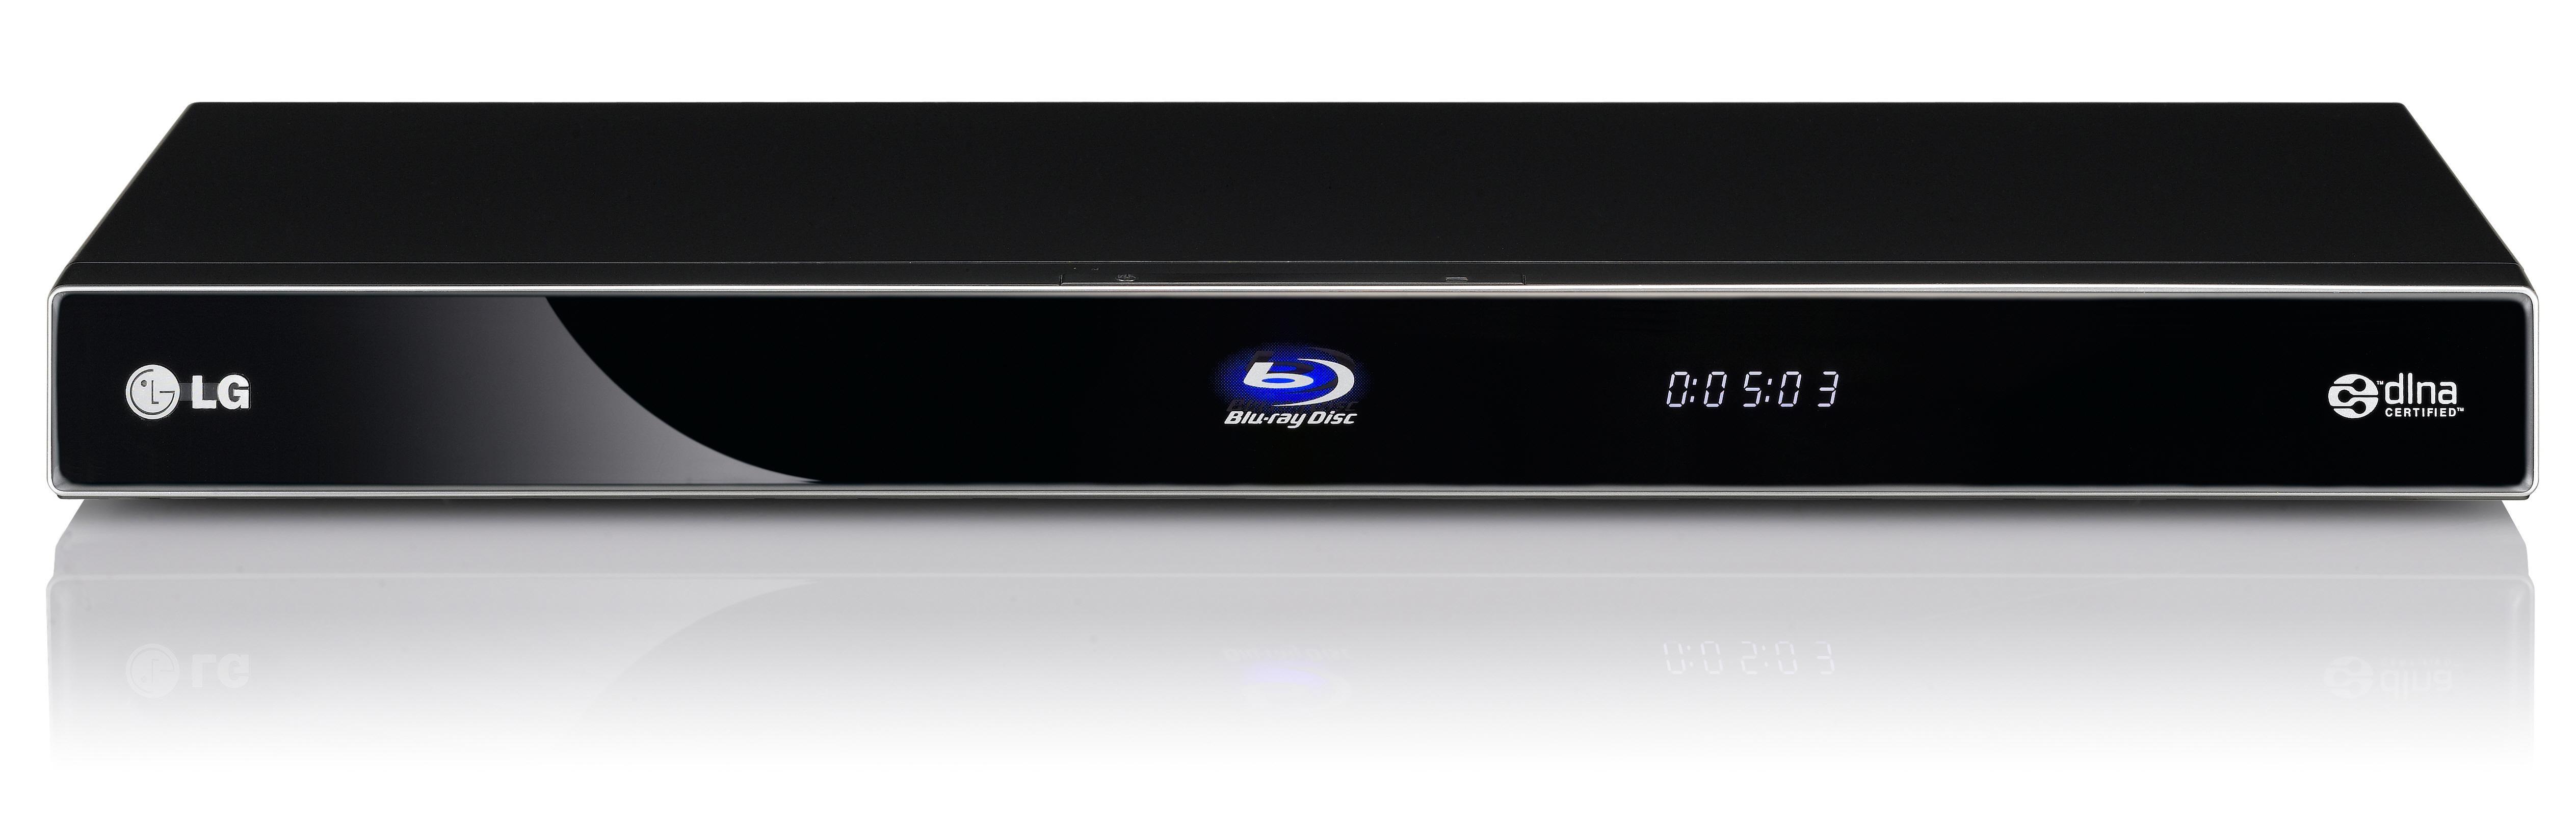 LG BD570 Region Free Blu-Ray Player, Multi-Region, Code Free